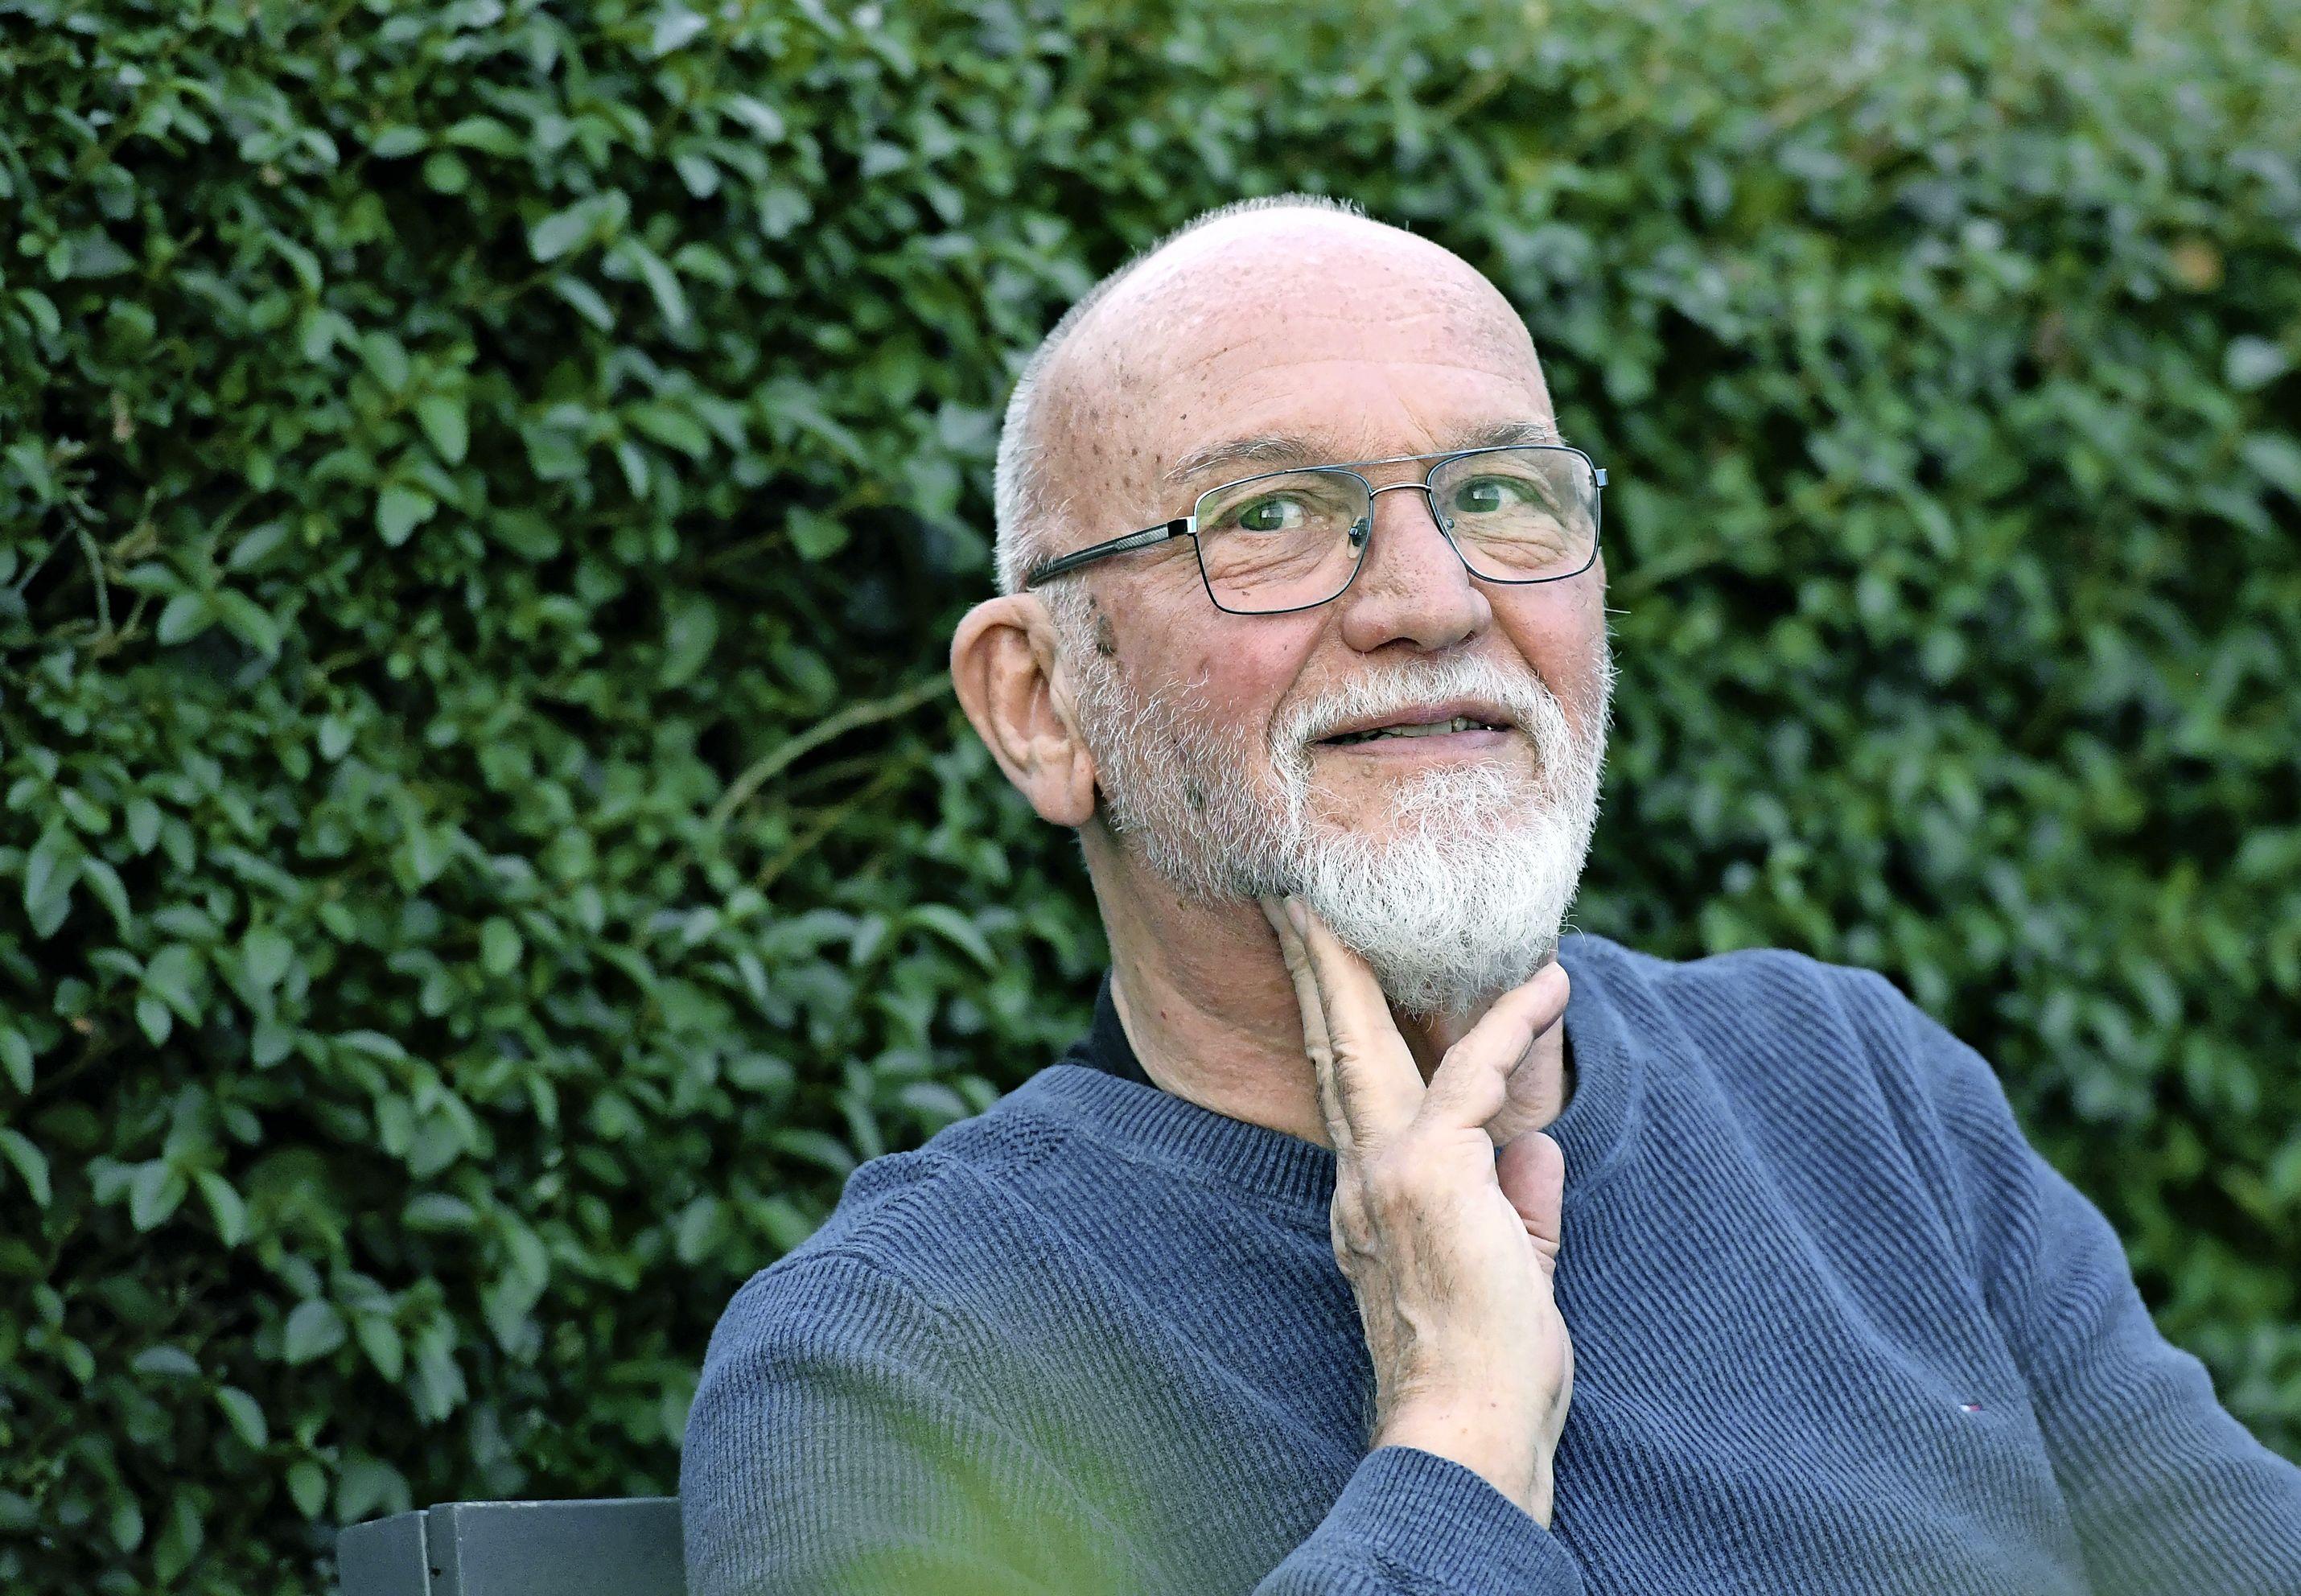 Stadhuisplan leidt tot opstappen van Glen Krab, lid van Beter voor Den Helder. 'De partij is halsstarrig, onwrikbaar. Ik was het zat'